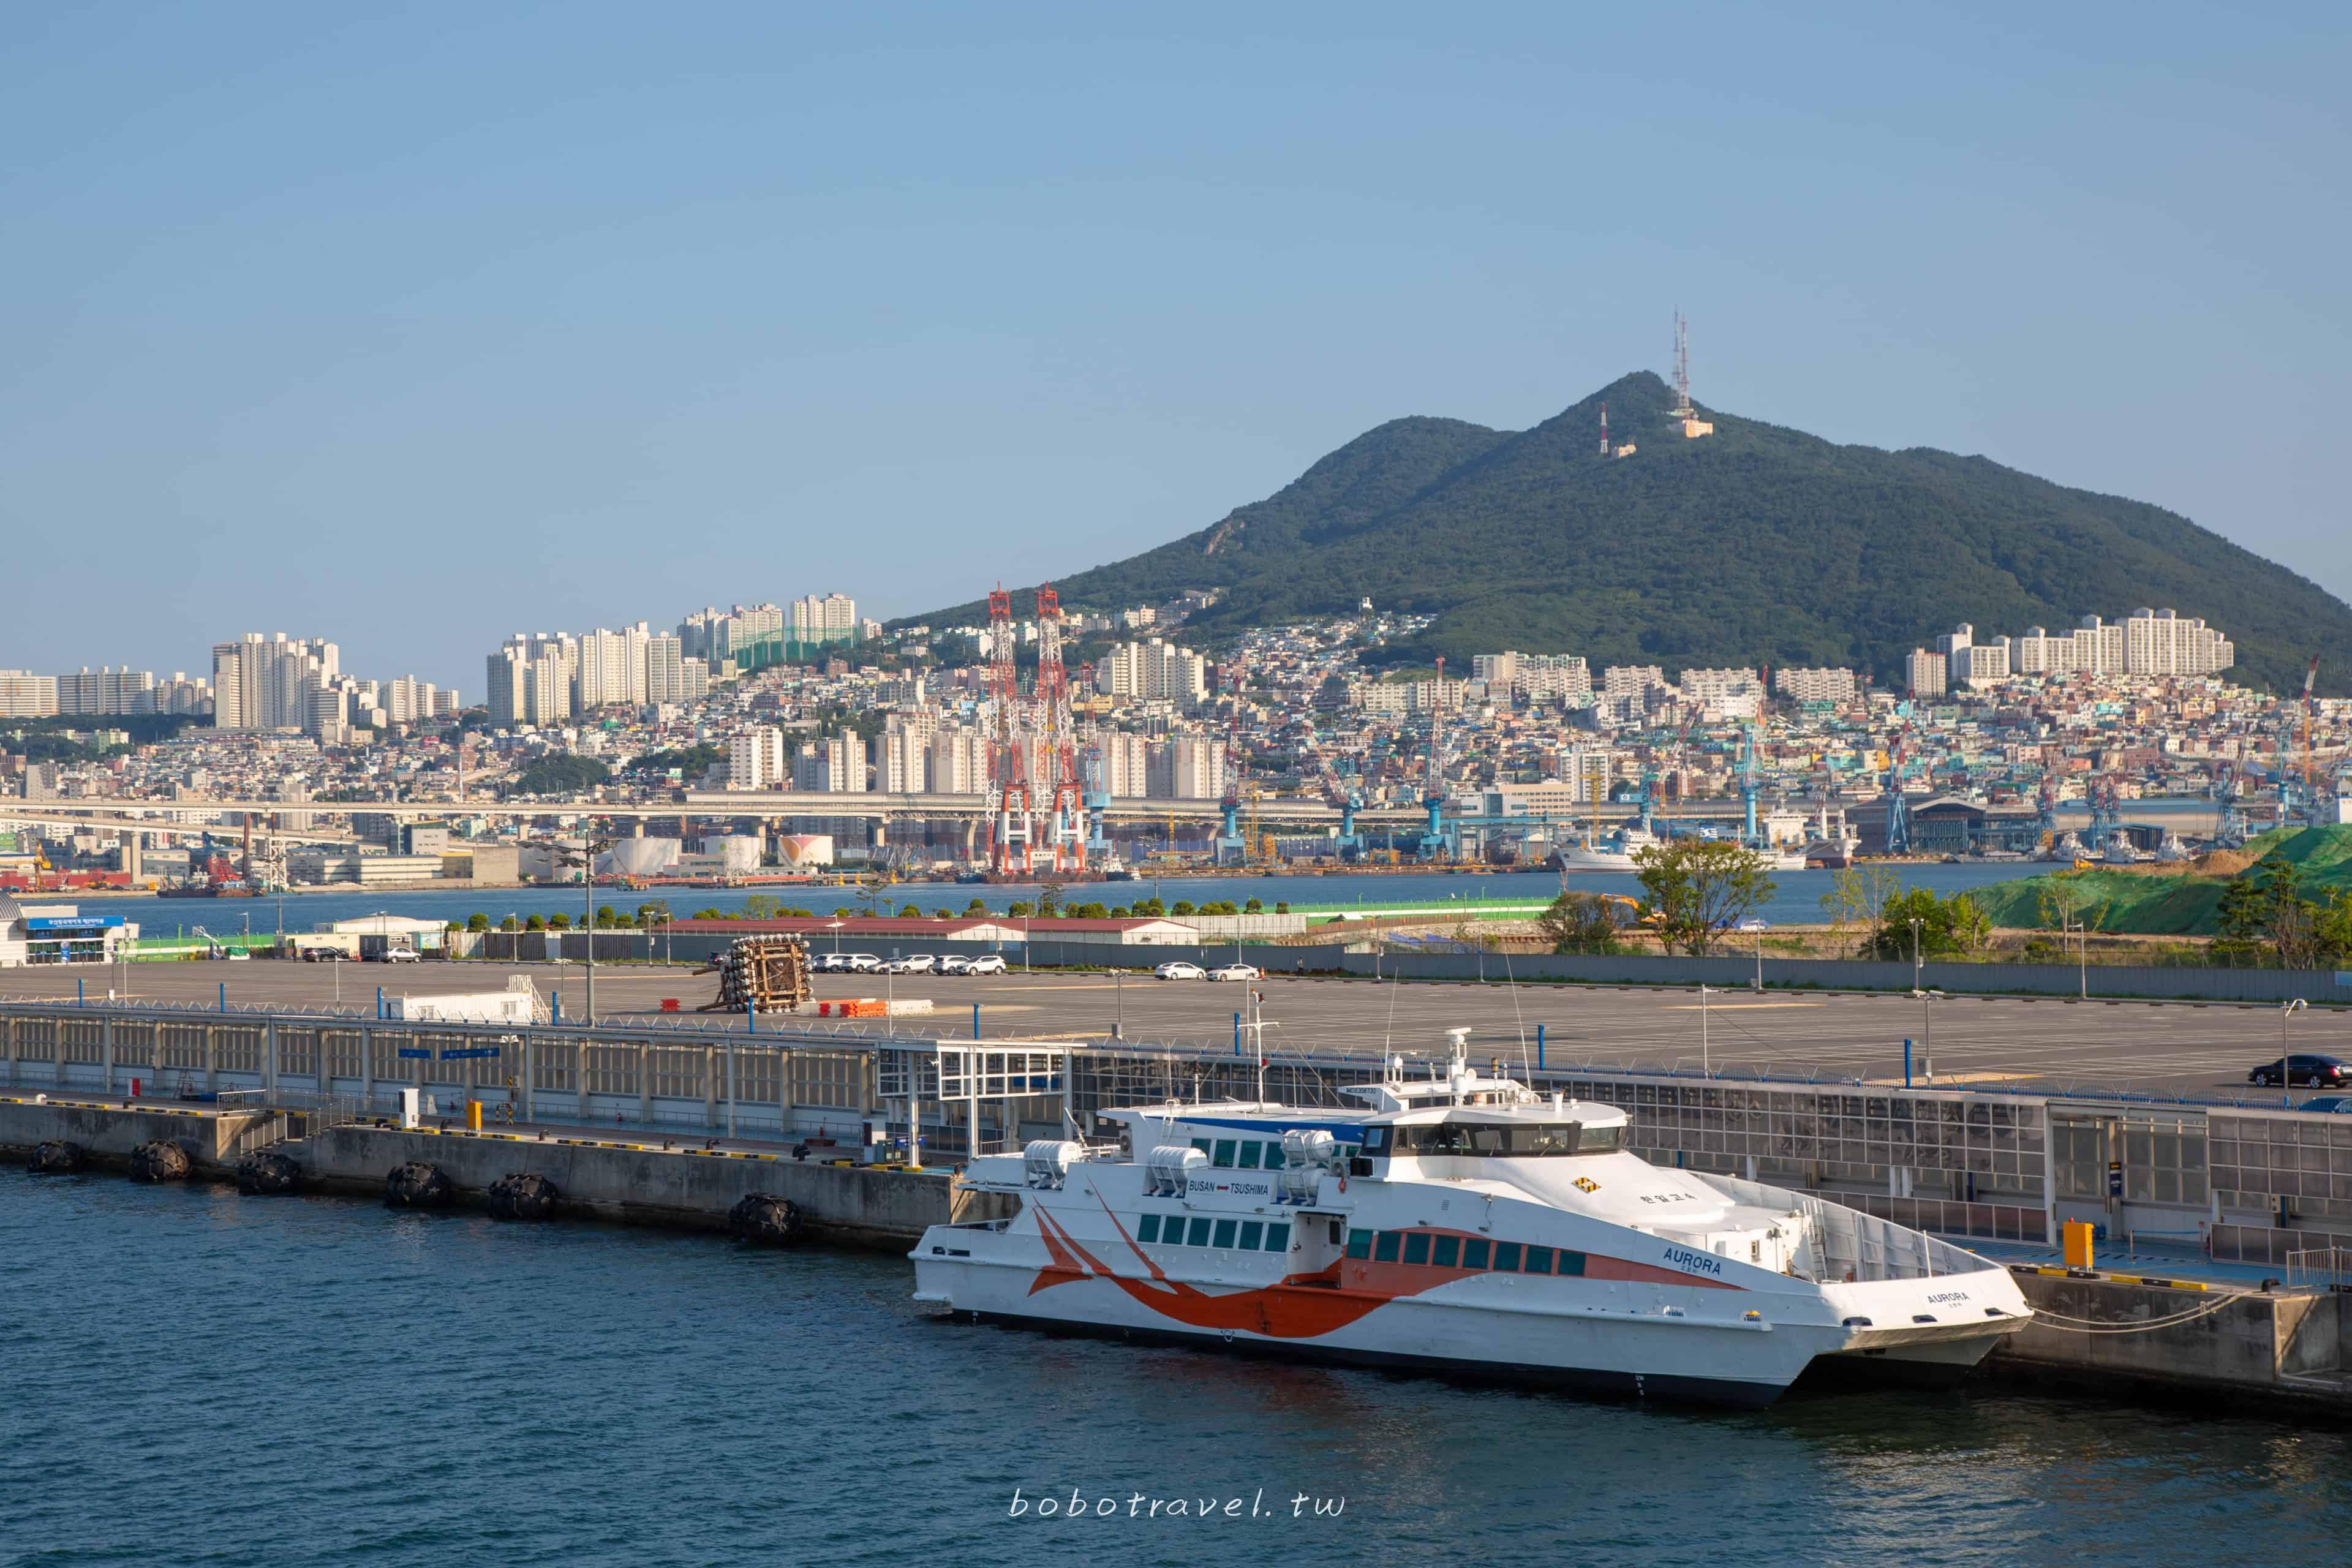 新山茶花號New Camellia・釜山-福岡夜船|睡醒就到日本!購票、房型、設施、餐點、搭乘經驗分享